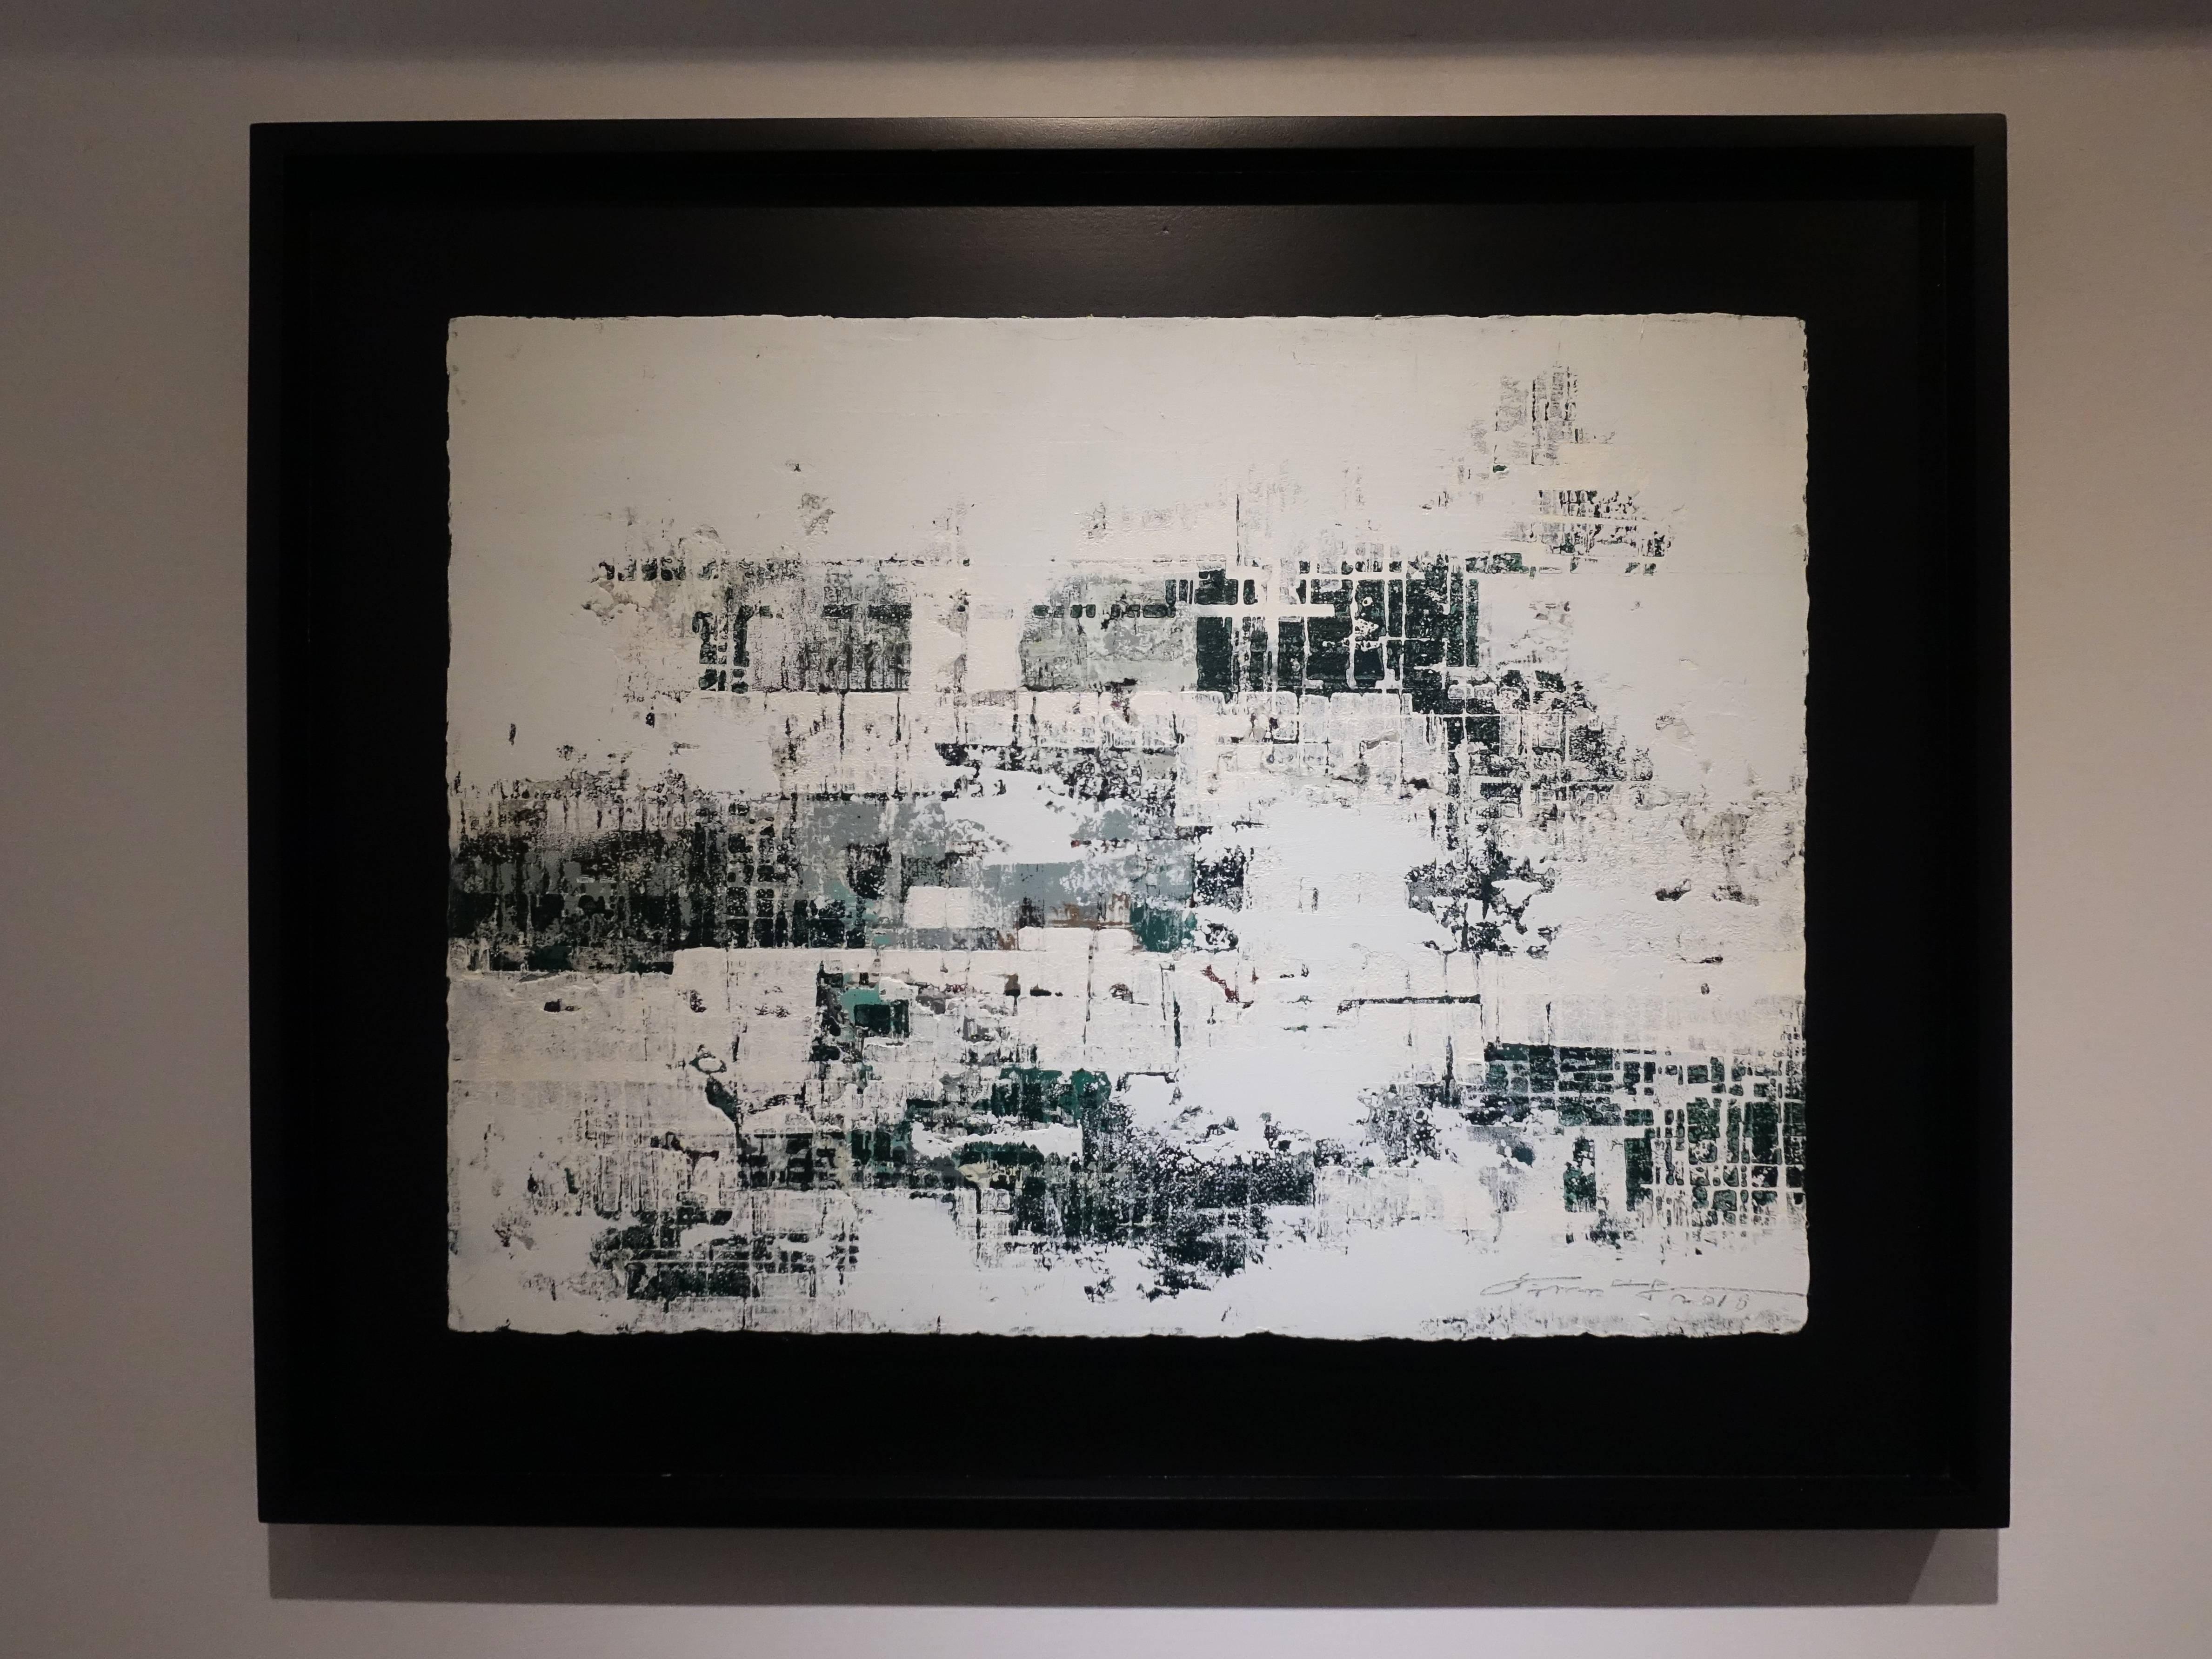 徐明豐,《移動的風景之二》,39 x 51 cm,複合媒材,2018。